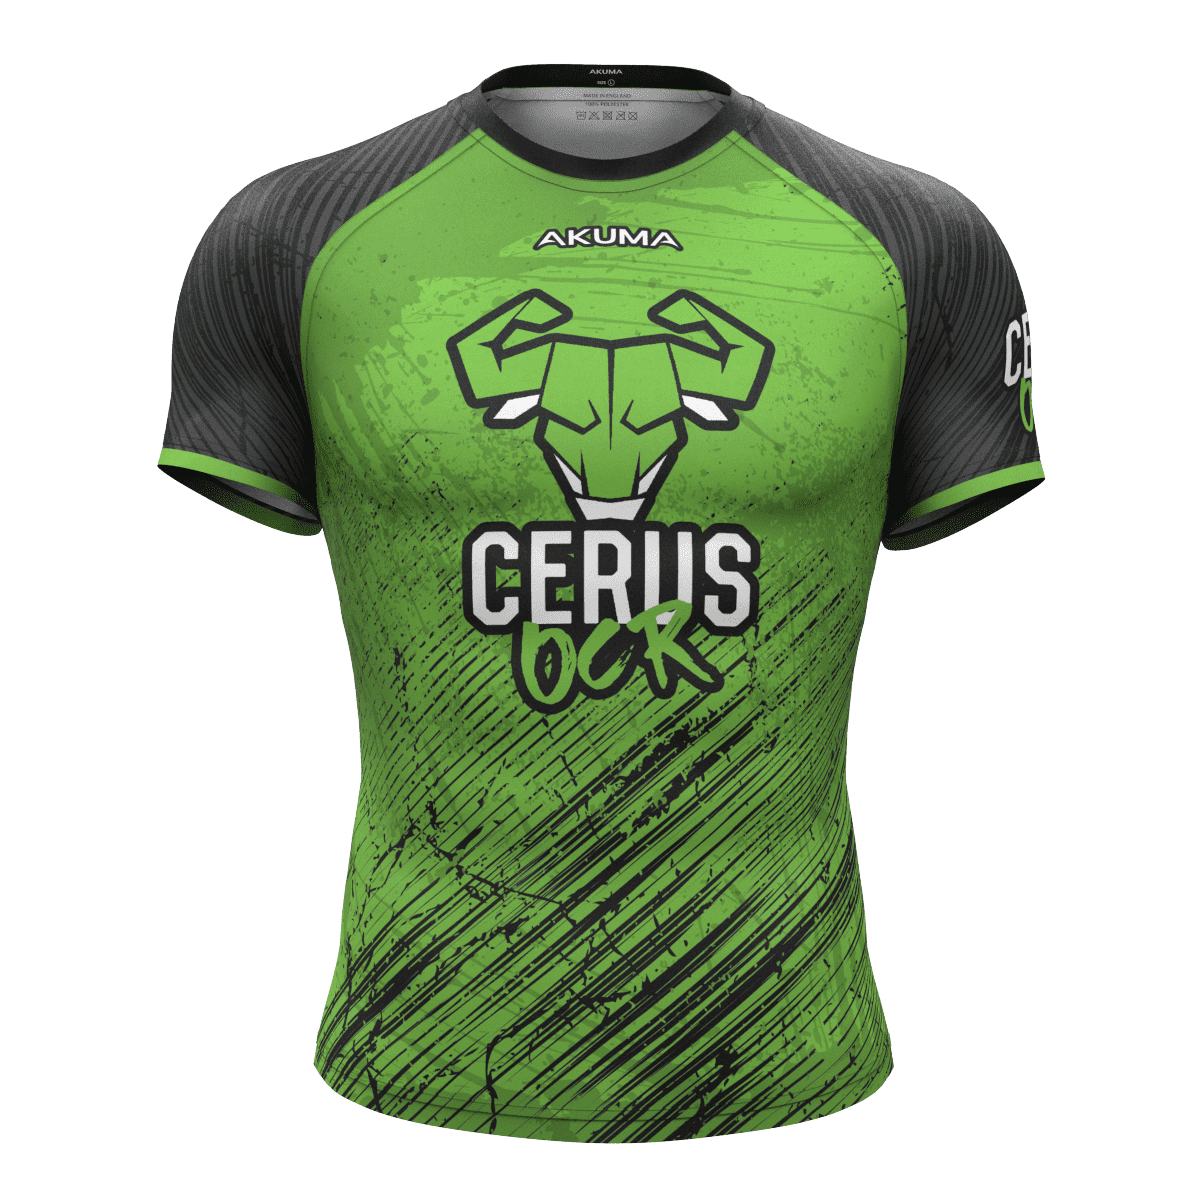 Cerus Women's Fortitude Jersey by Akuma